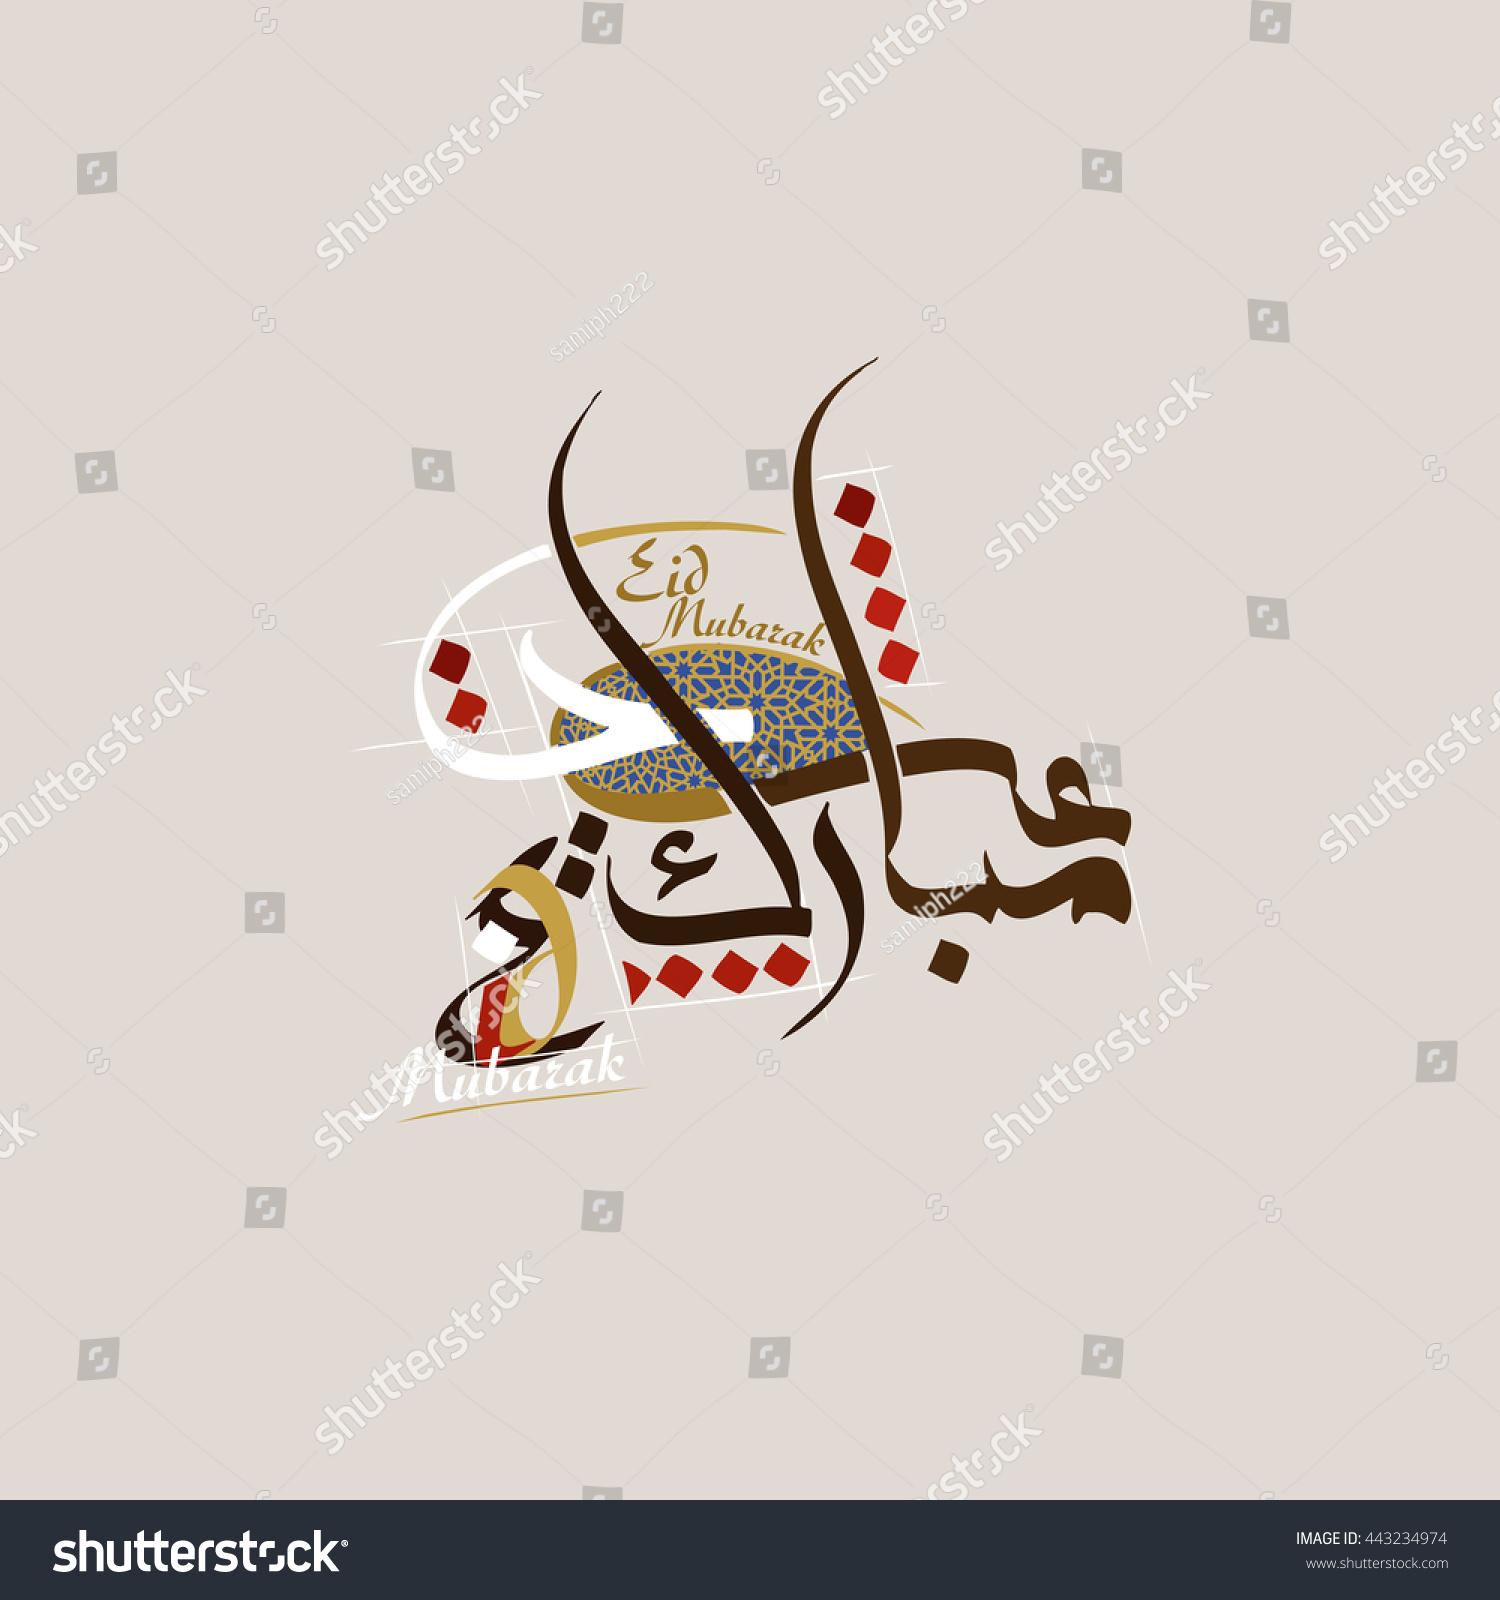 Eid mubarak greeting card Islamic background for Muslims Holidays such as Eid al fitr Eid al adha and Ramadan The Arabic calligraphy means 'Eid mubarak = happy holiday